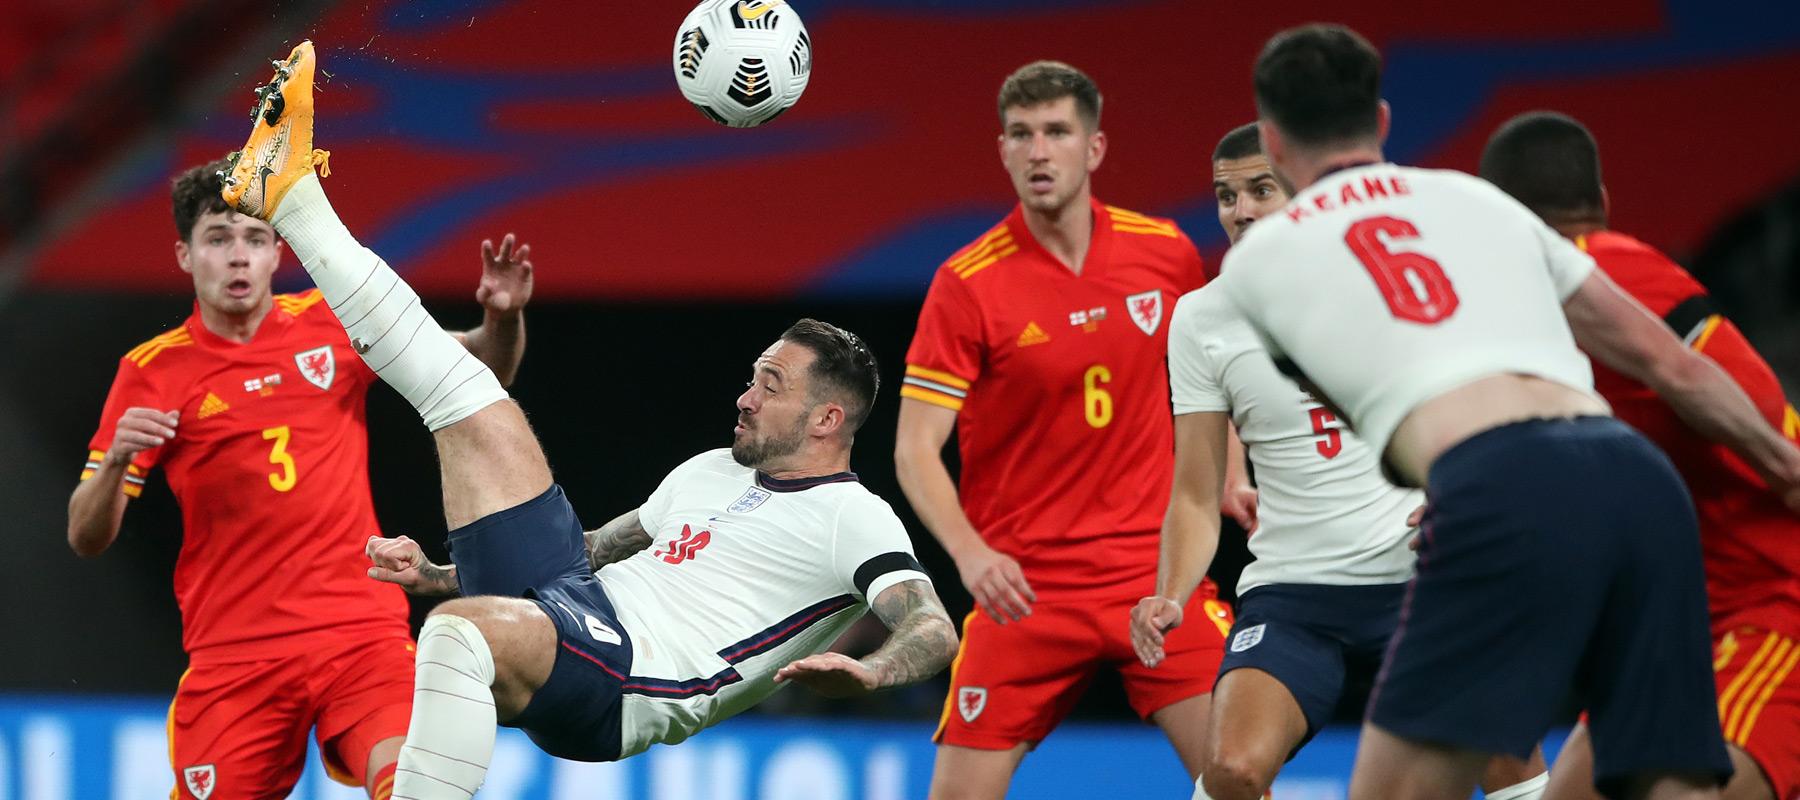 อังกฤษ v เวลส์ ผลบอลสด ผลบอล ฟุตบอลอุ่นเครื่อง